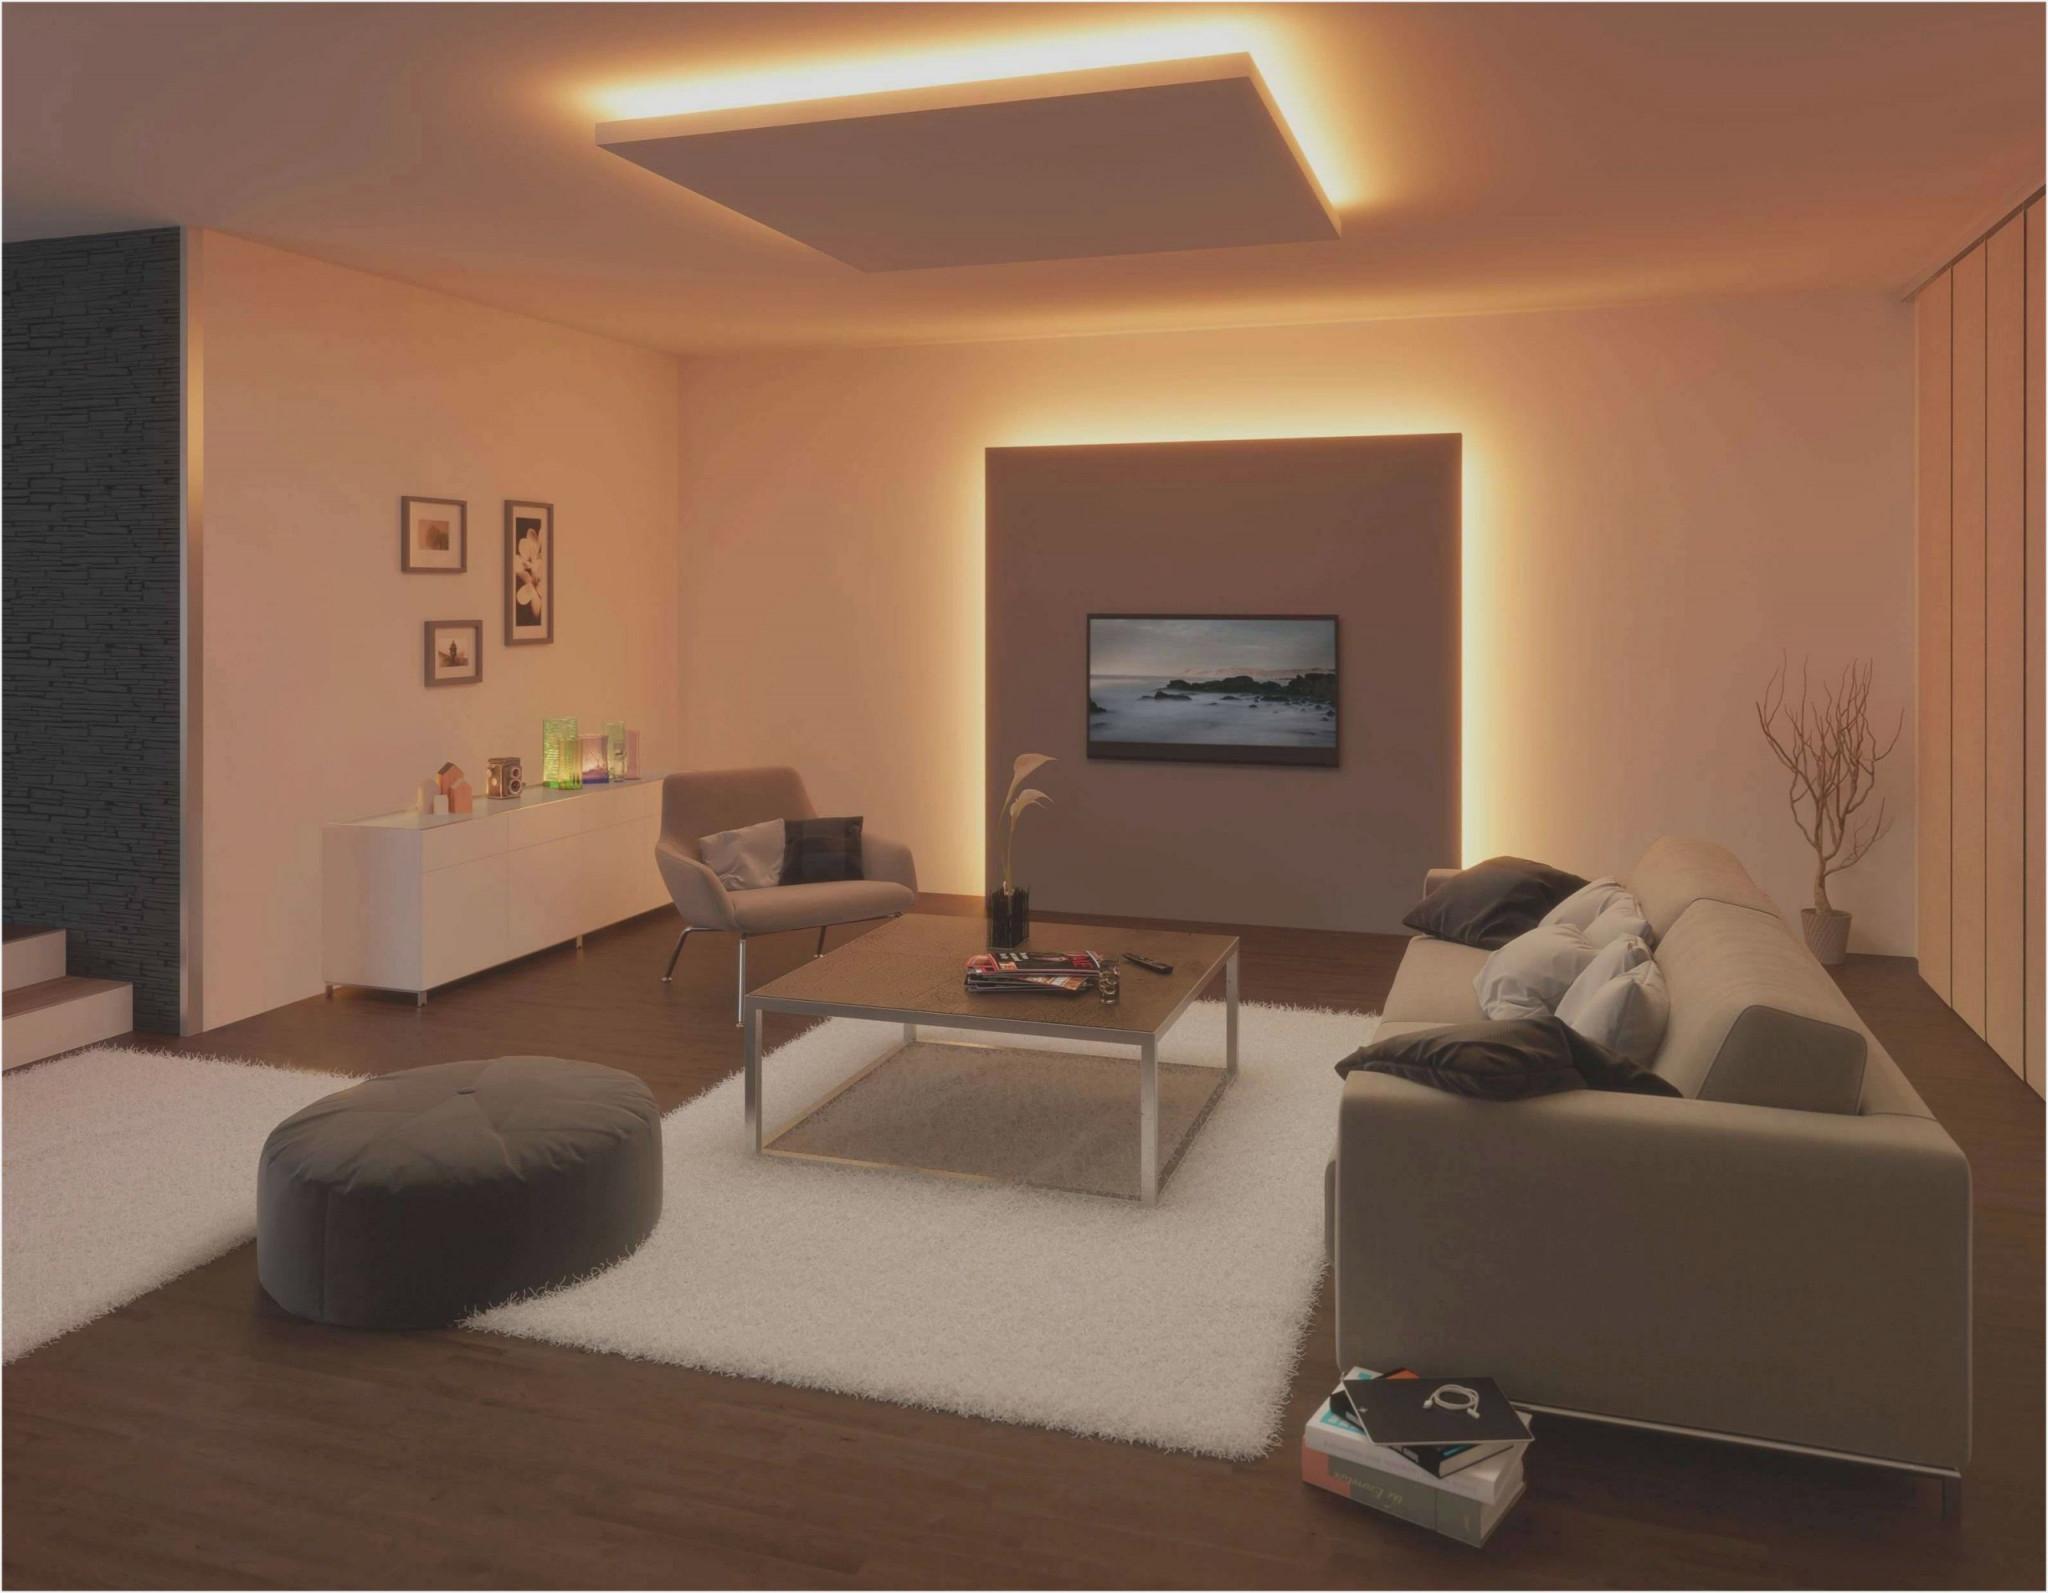 Coole Beleuchtungsideen Wohnzimmer Beleuchtung Ideen von Coole Wohnzimmer Lampe Photo